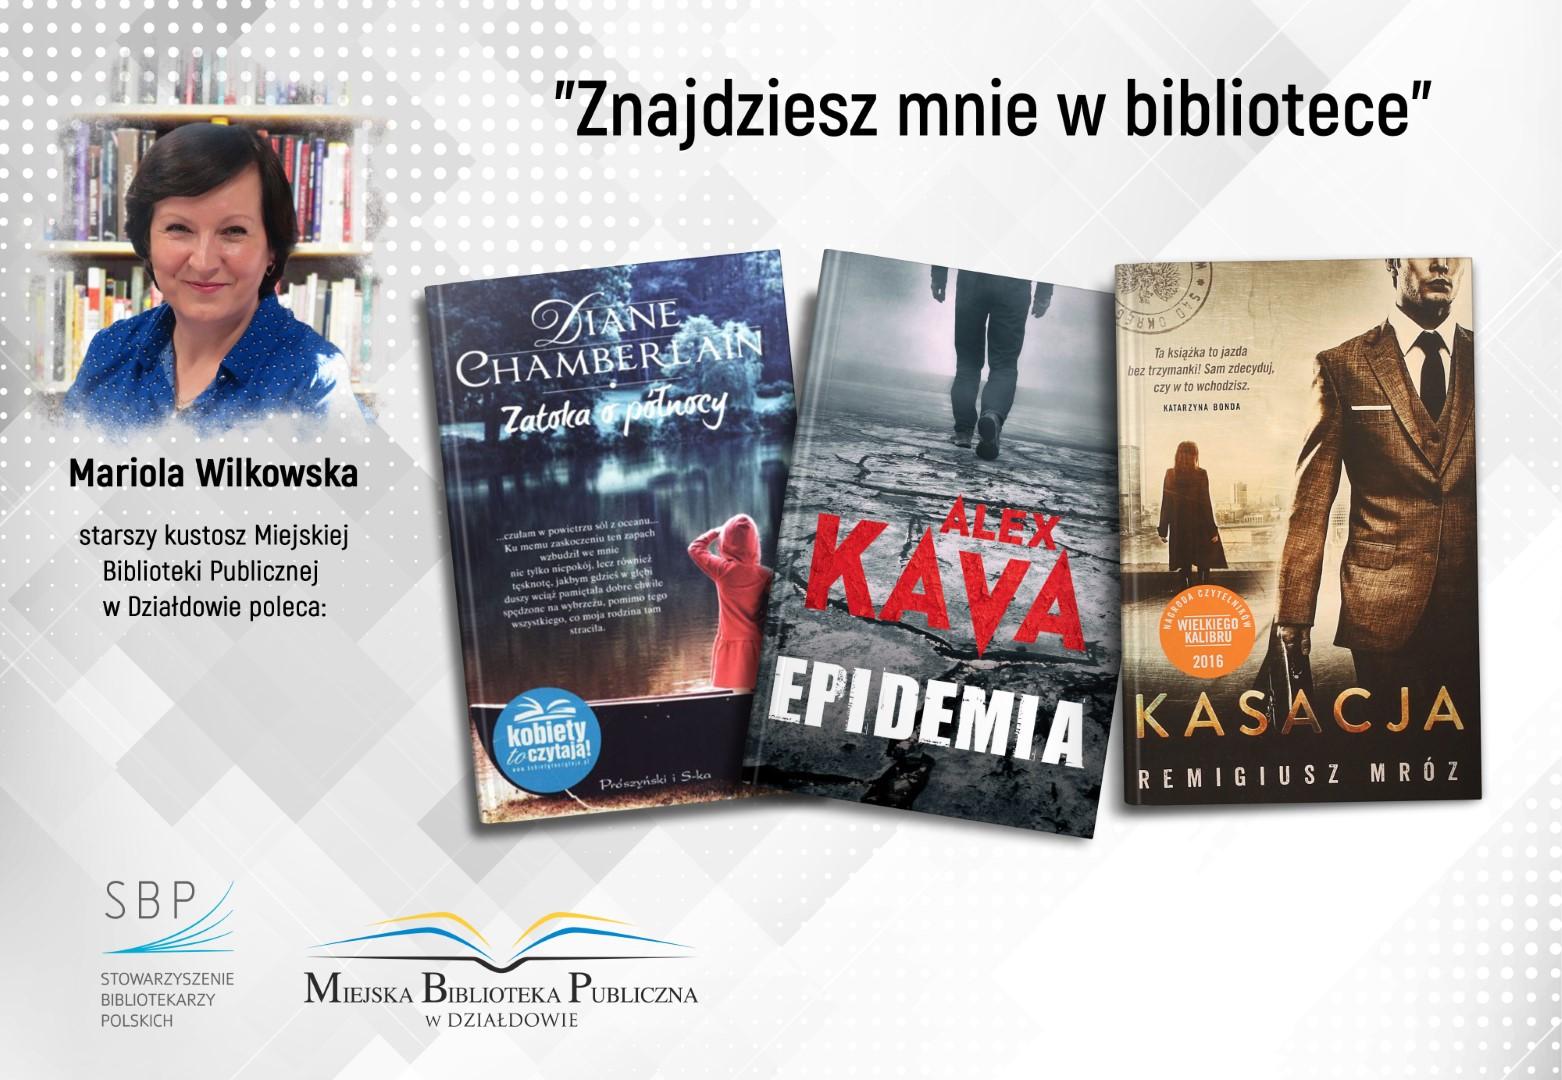 plakat z pracownikiem biblioteki polecającym ulubione książki na marzec